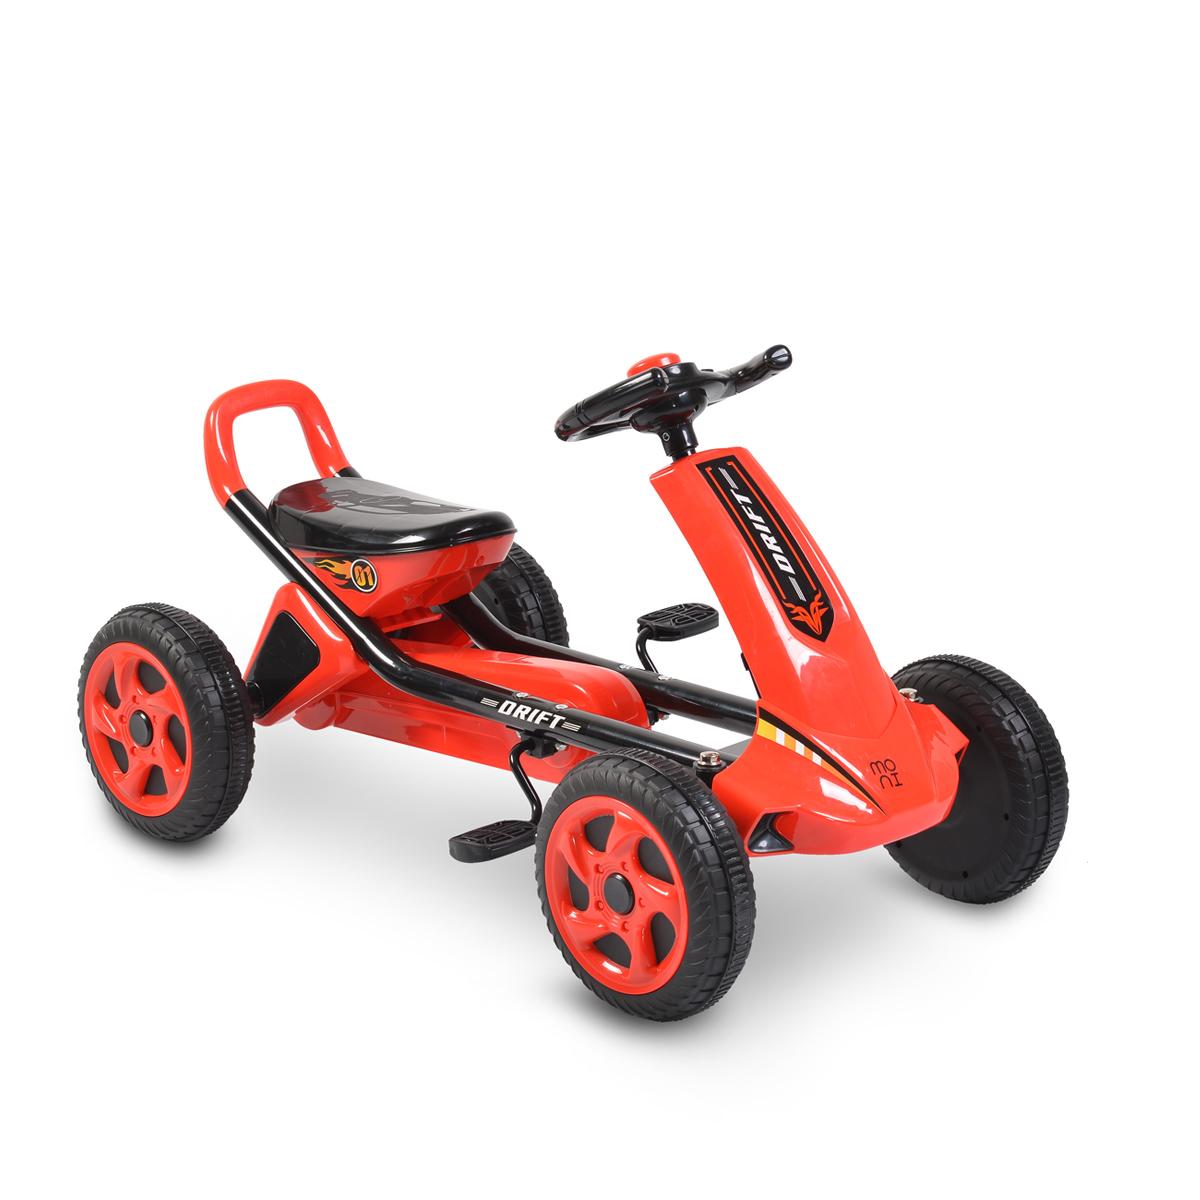 Παιδικό αυτοκινητάκι με πετάλια Go Cart Drift Red plastic wheels Moni